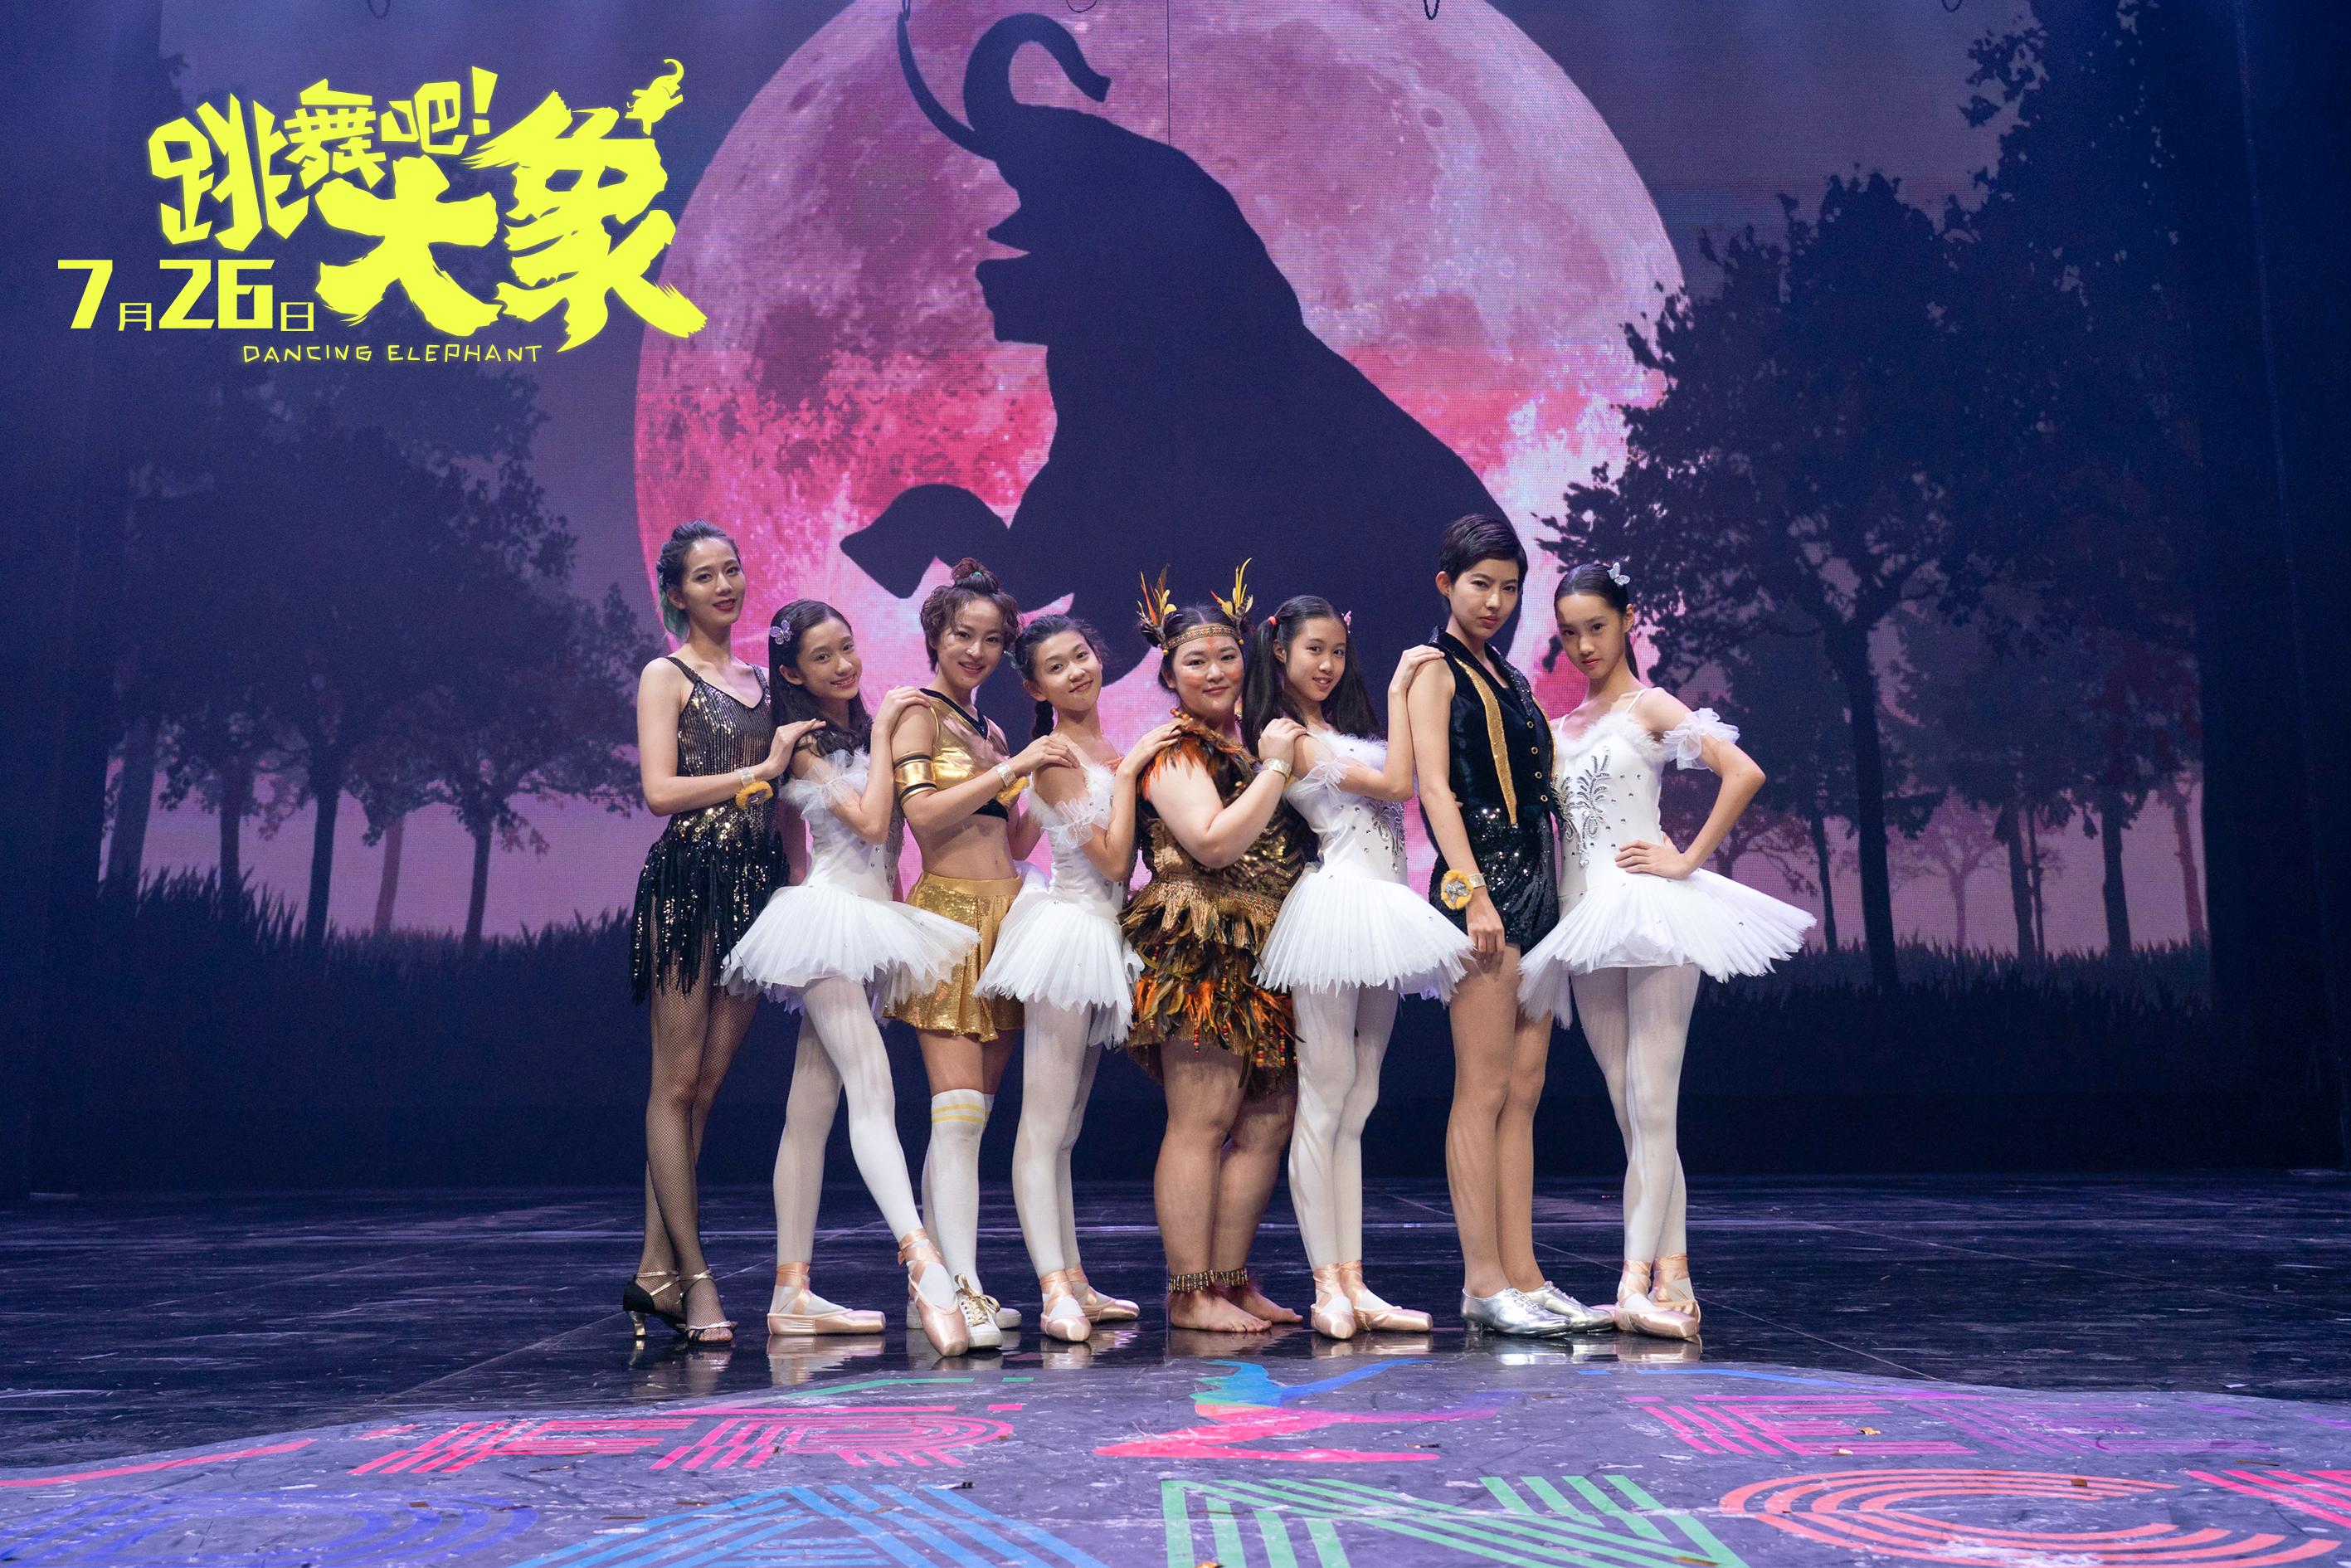 《跳舞吧!大象》发片尾曲MV 张信哲温柔献唱《没资格难过》